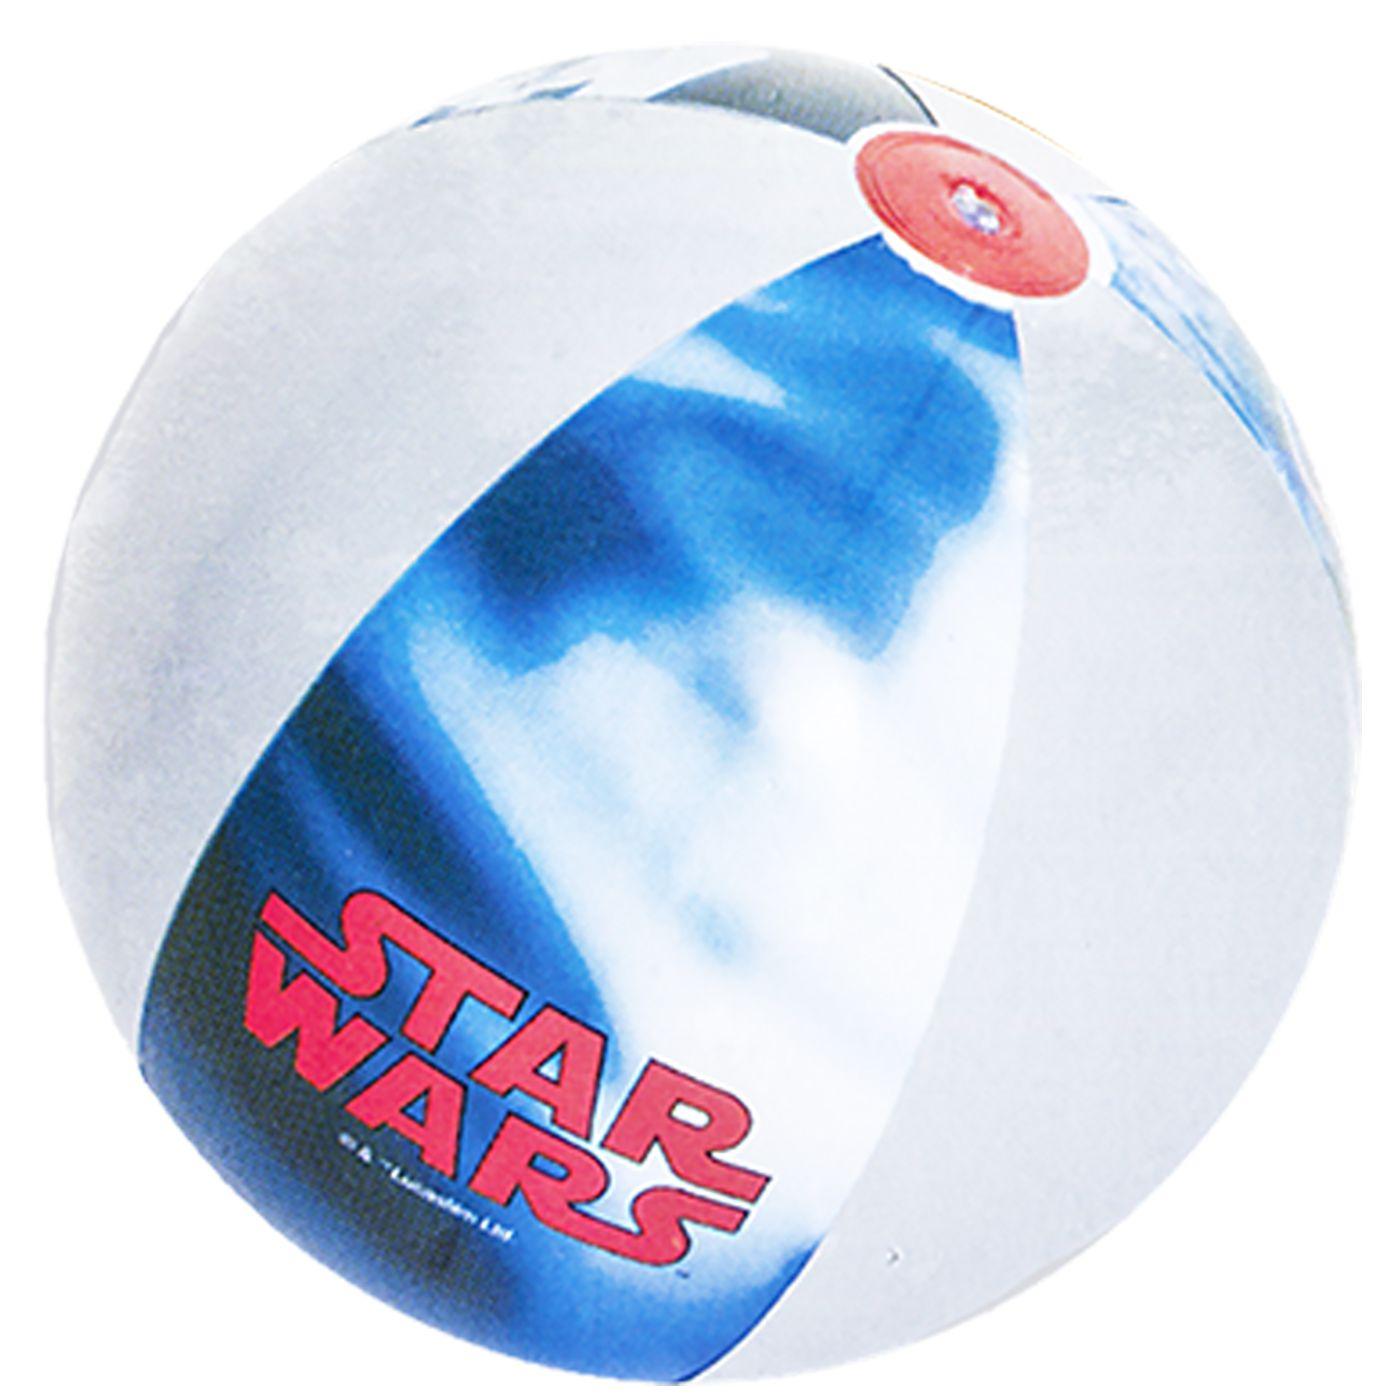 ΜΠΑΛΑ ΦΟΥΣΚΩΤΗ STAR WARS Φ=61cm